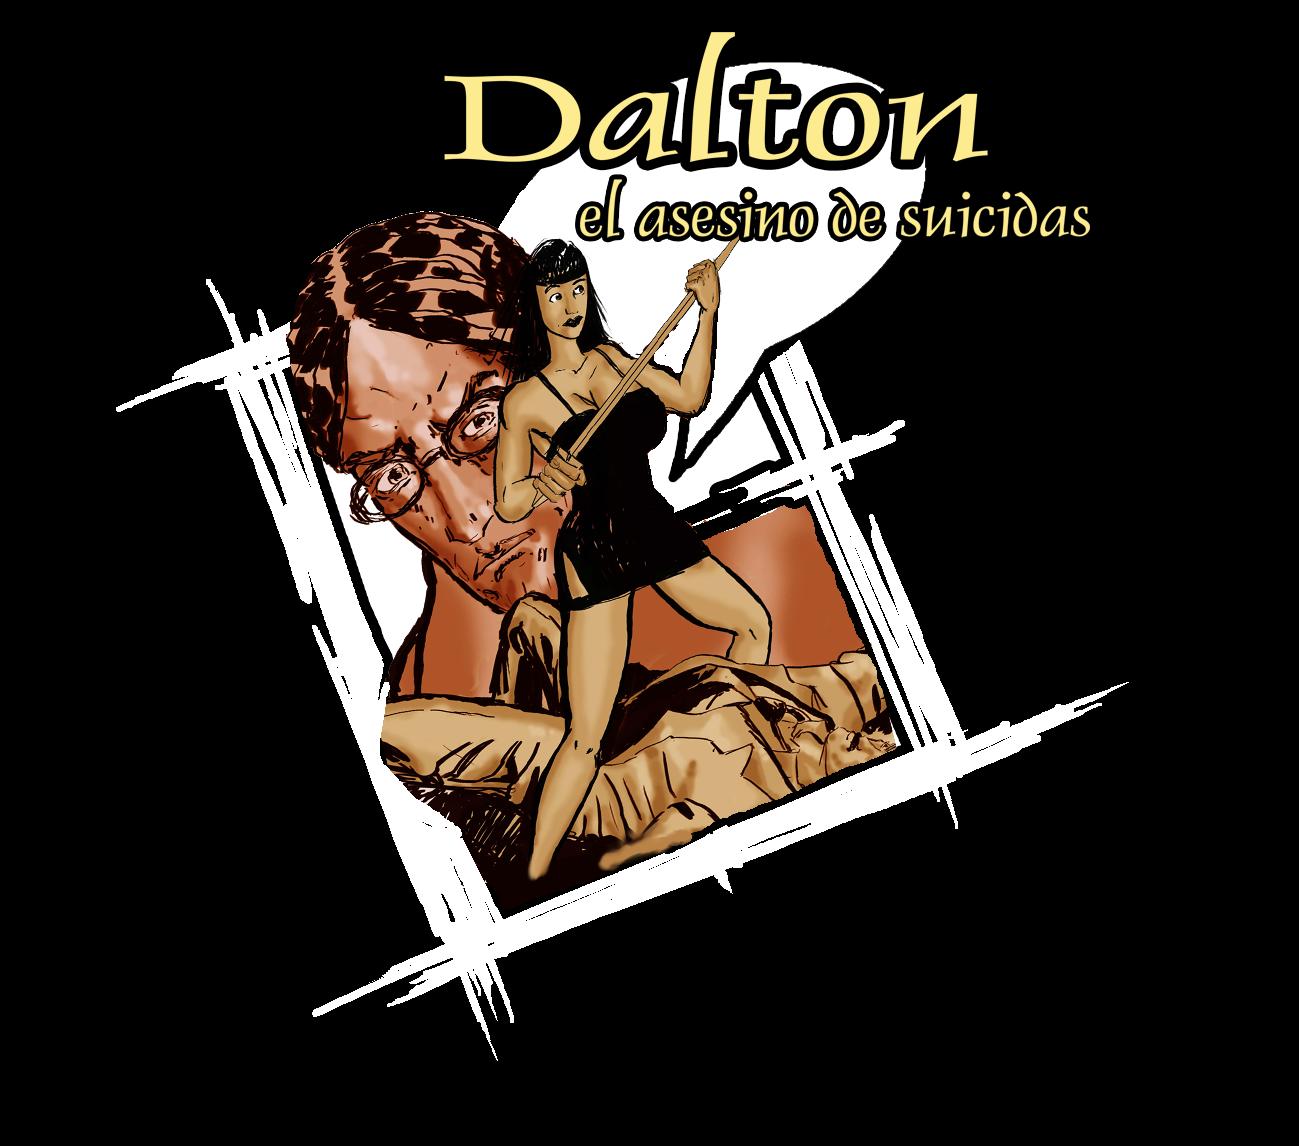 Dalton (el asesino de suicidas)